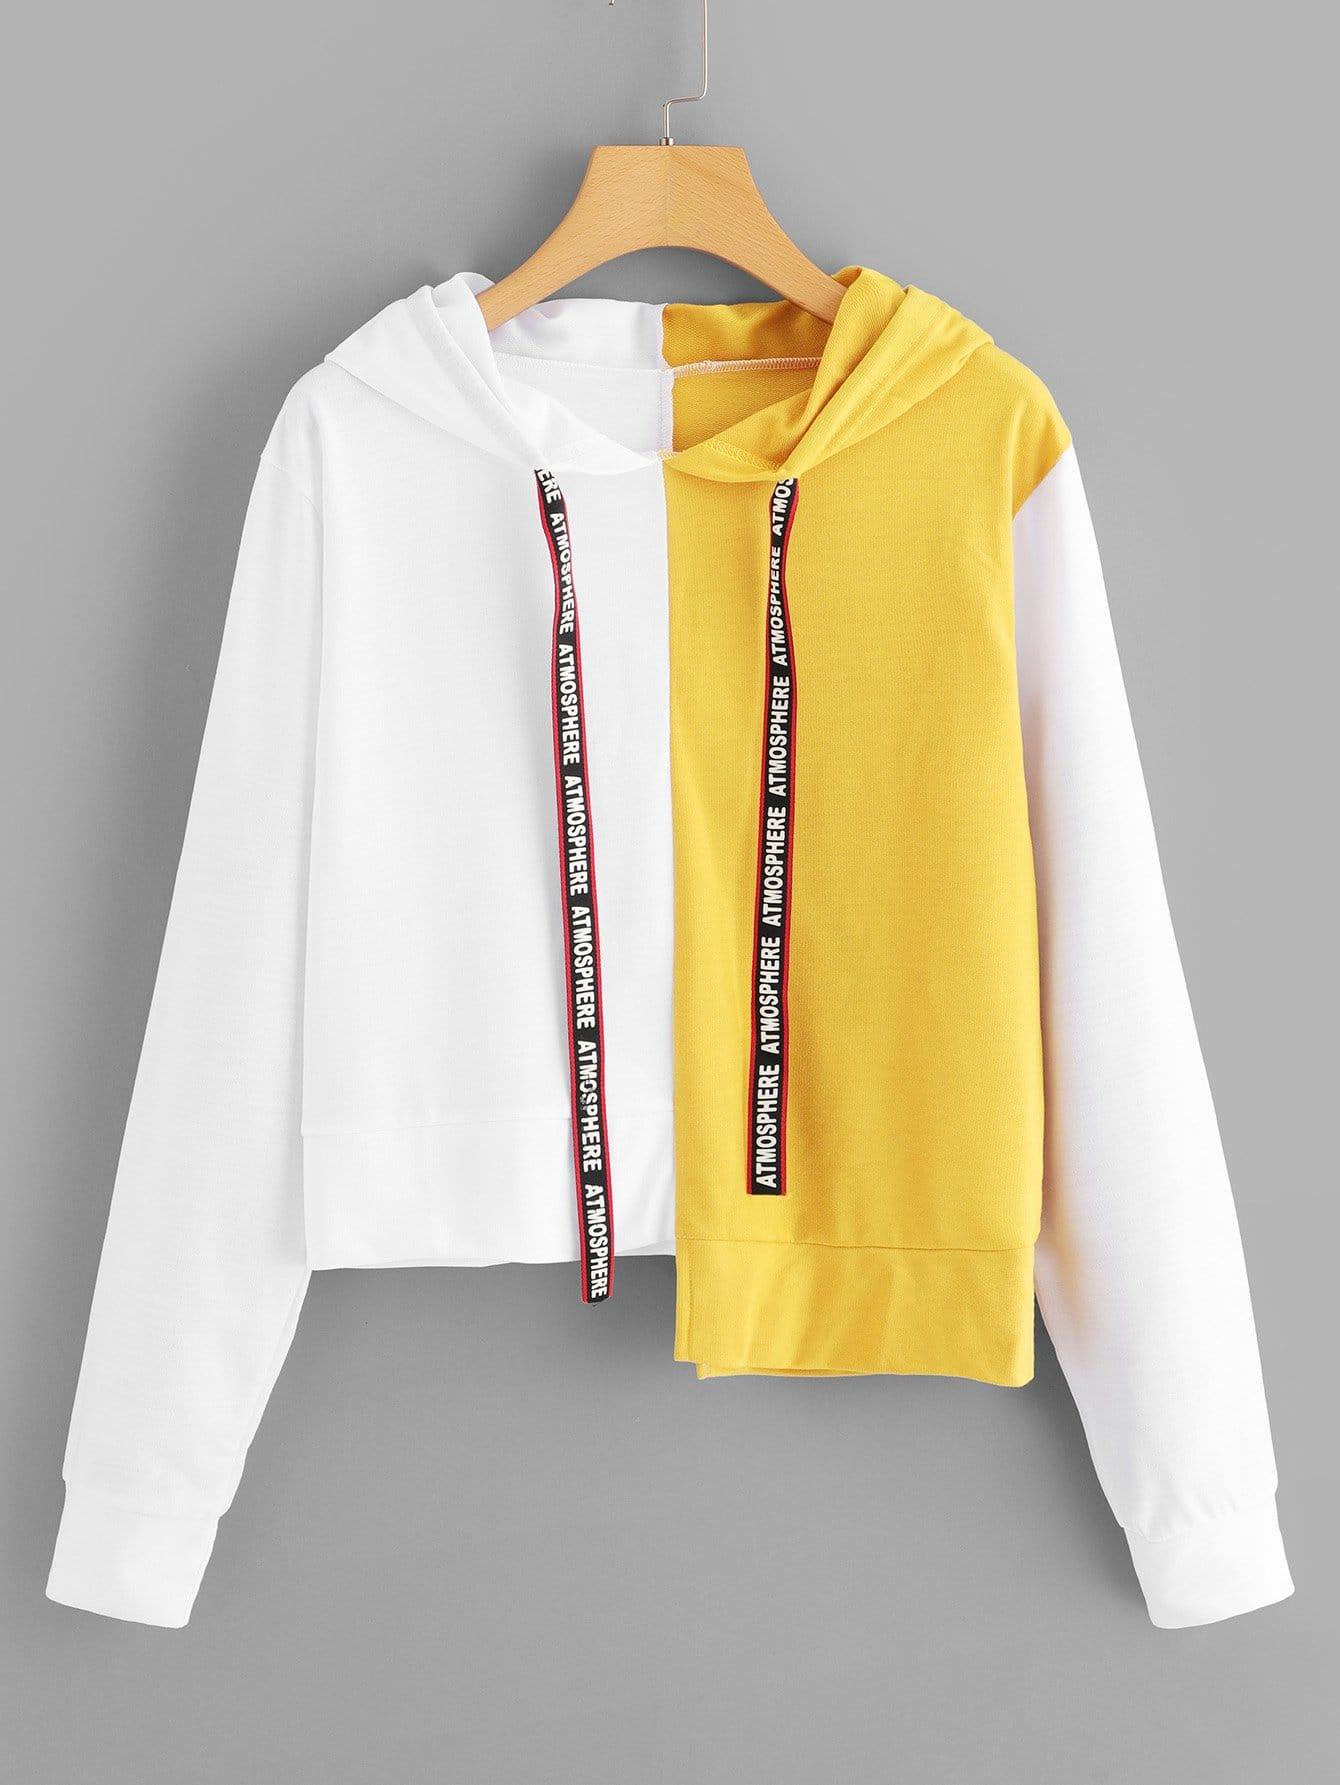 Купить Повседневный на кулиске Пуловеры Многоцветный Свитшоты, null, SheIn